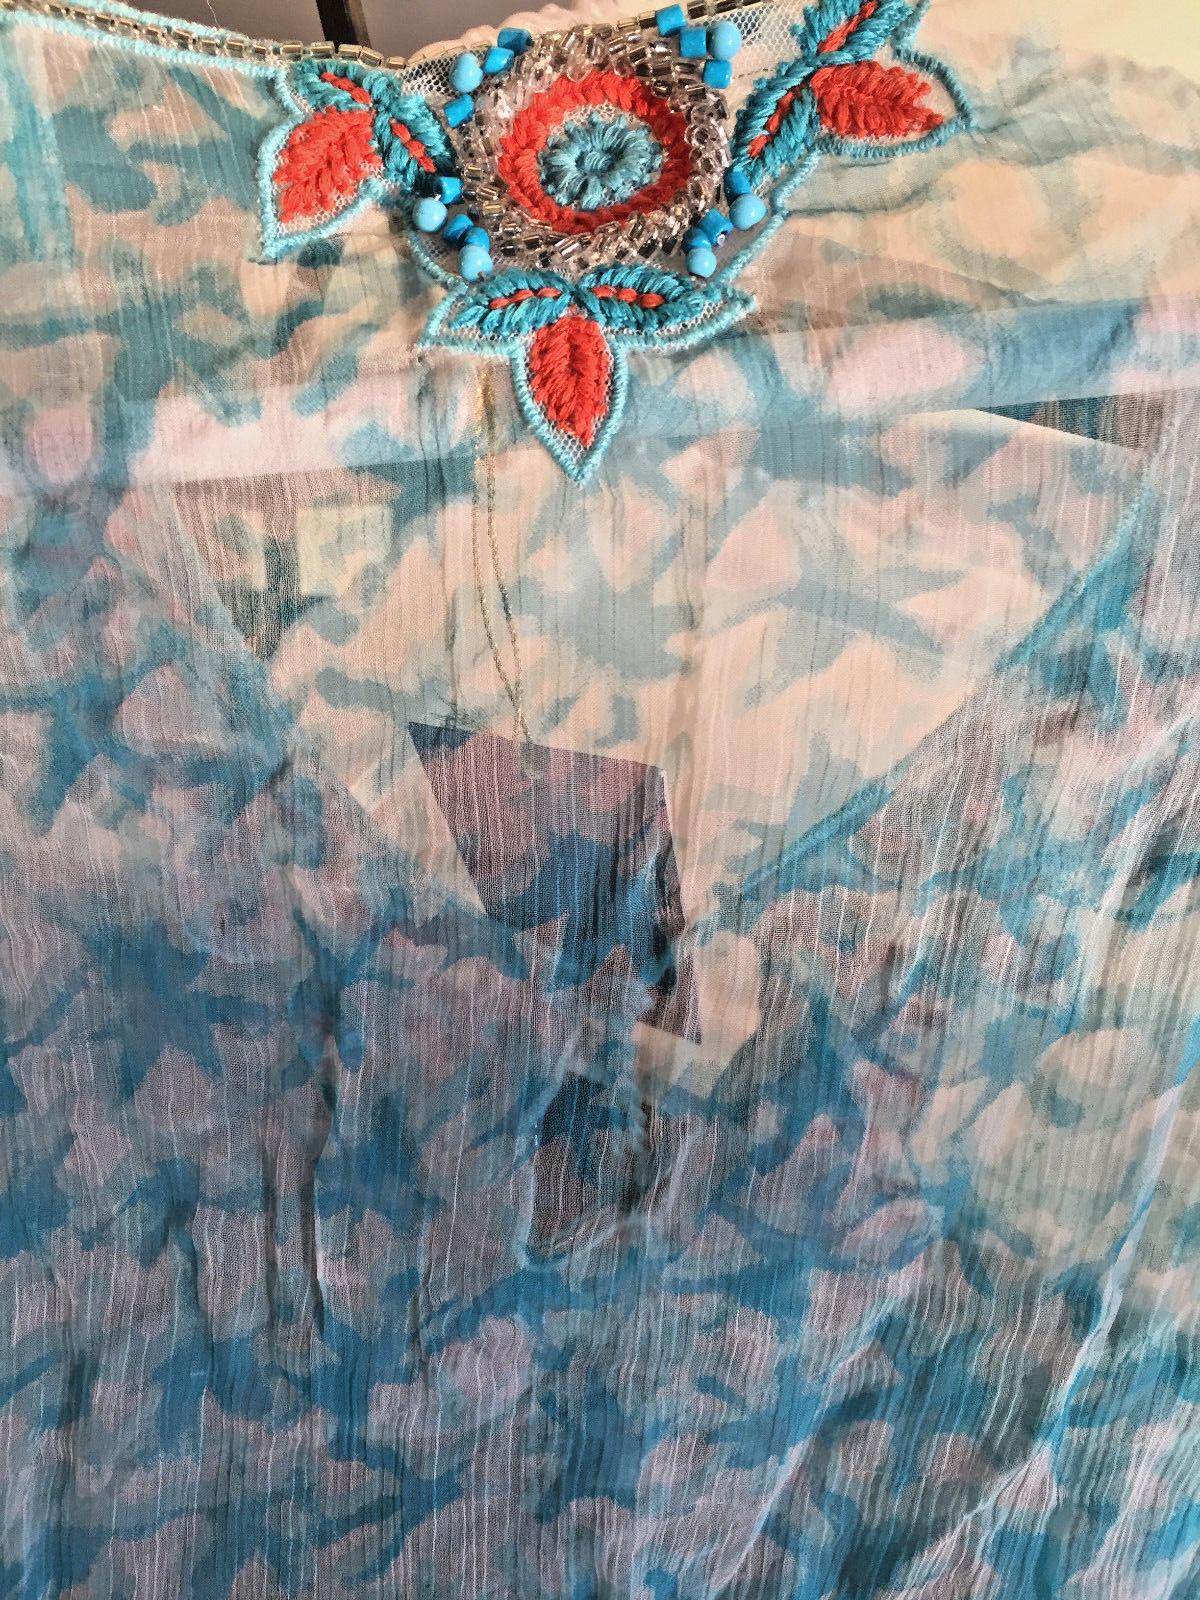 Nuovo W Etichette Amita Naithani, Tintura a Riserva Riserva Riserva Blu & Arancione 31c0a3